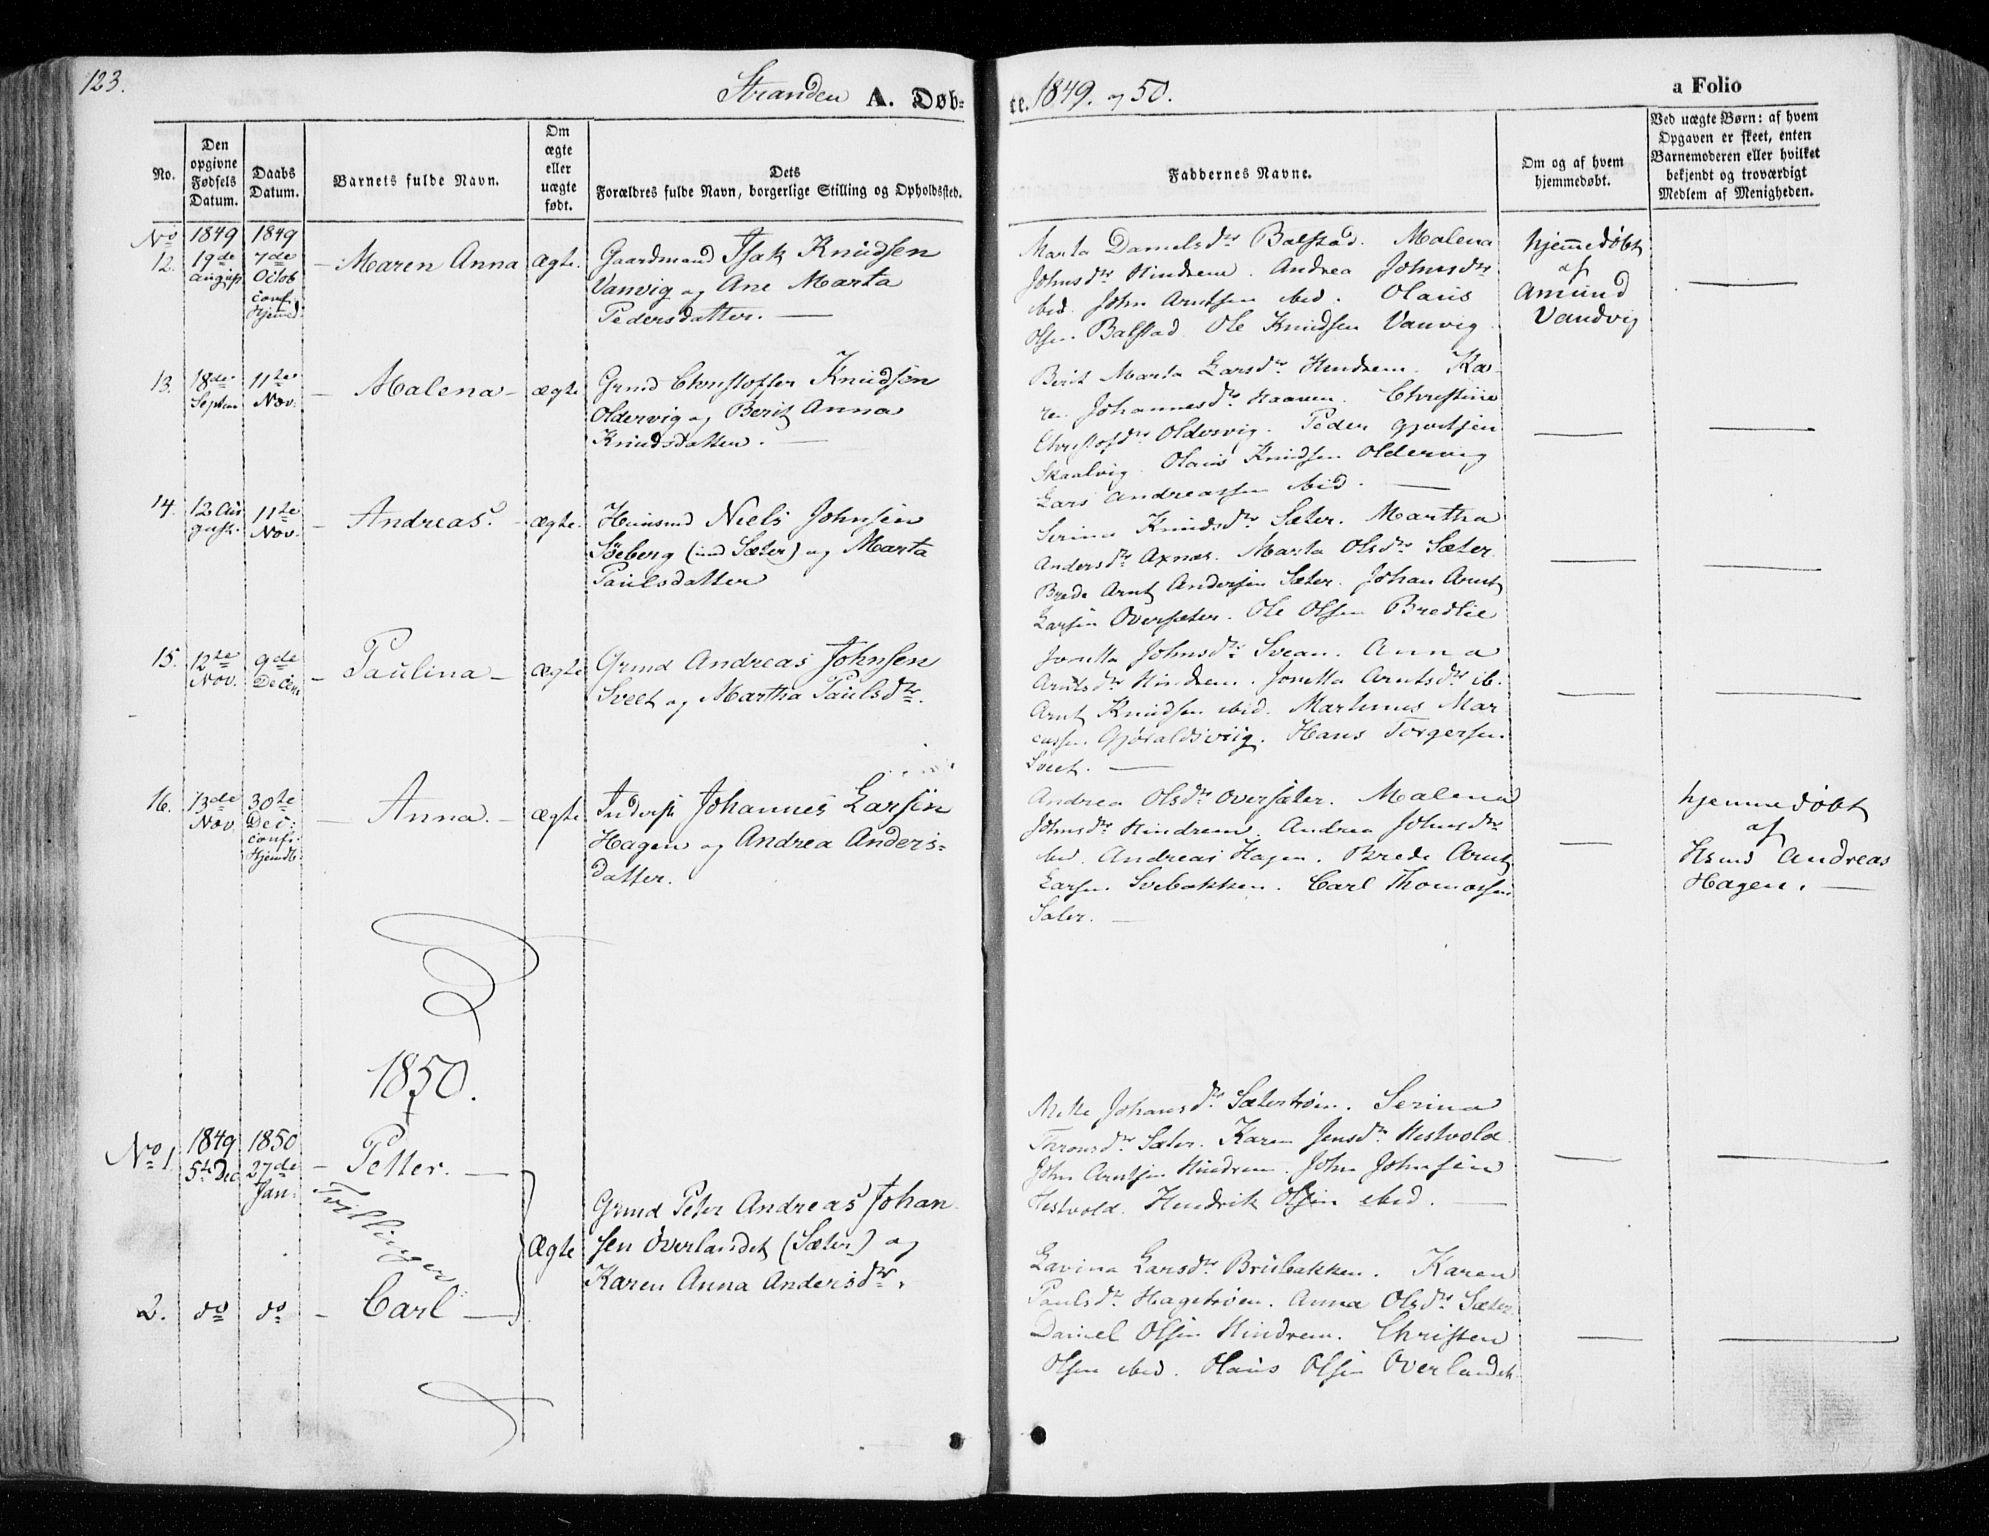 SAT, Ministerialprotokoller, klokkerbøker og fødselsregistre - Nord-Trøndelag, 701/L0007: Ministerialbok nr. 701A07 /2, 1842-1854, s. 123